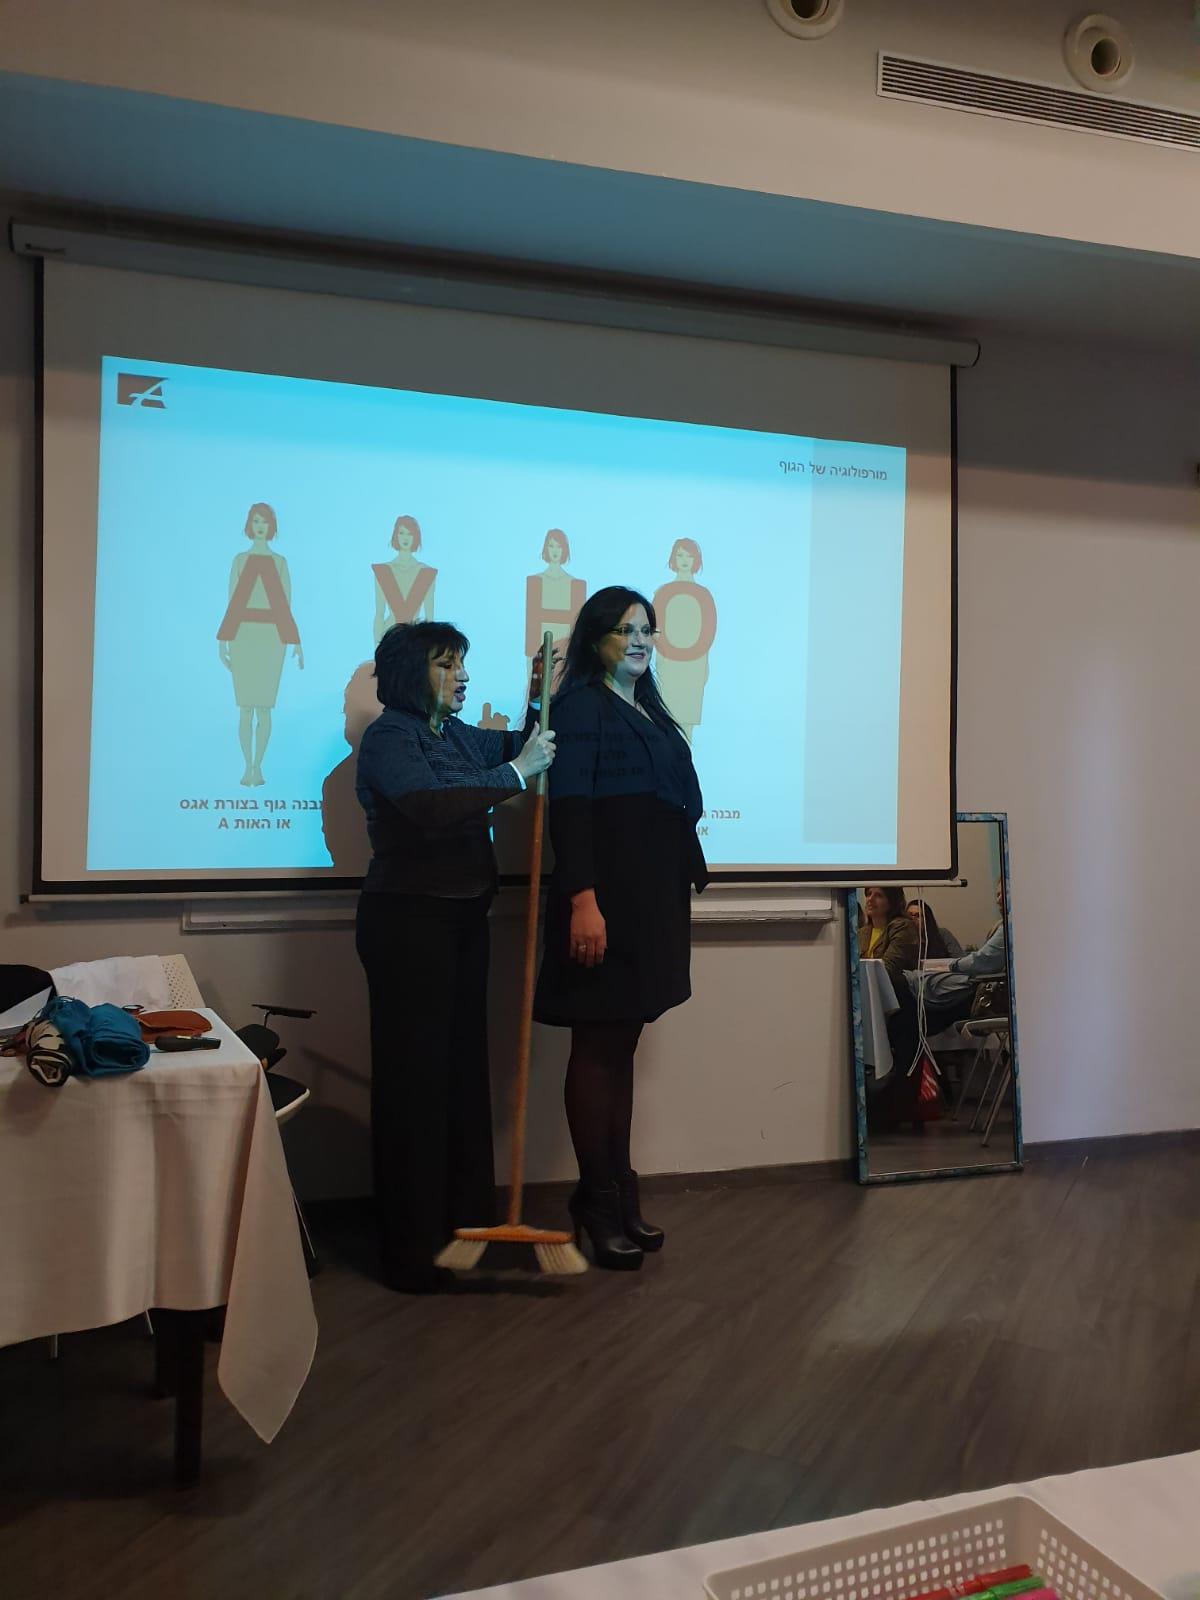 הרצאה על לבוש עסקי,תדמית עסקית,לבוש ייצוגי